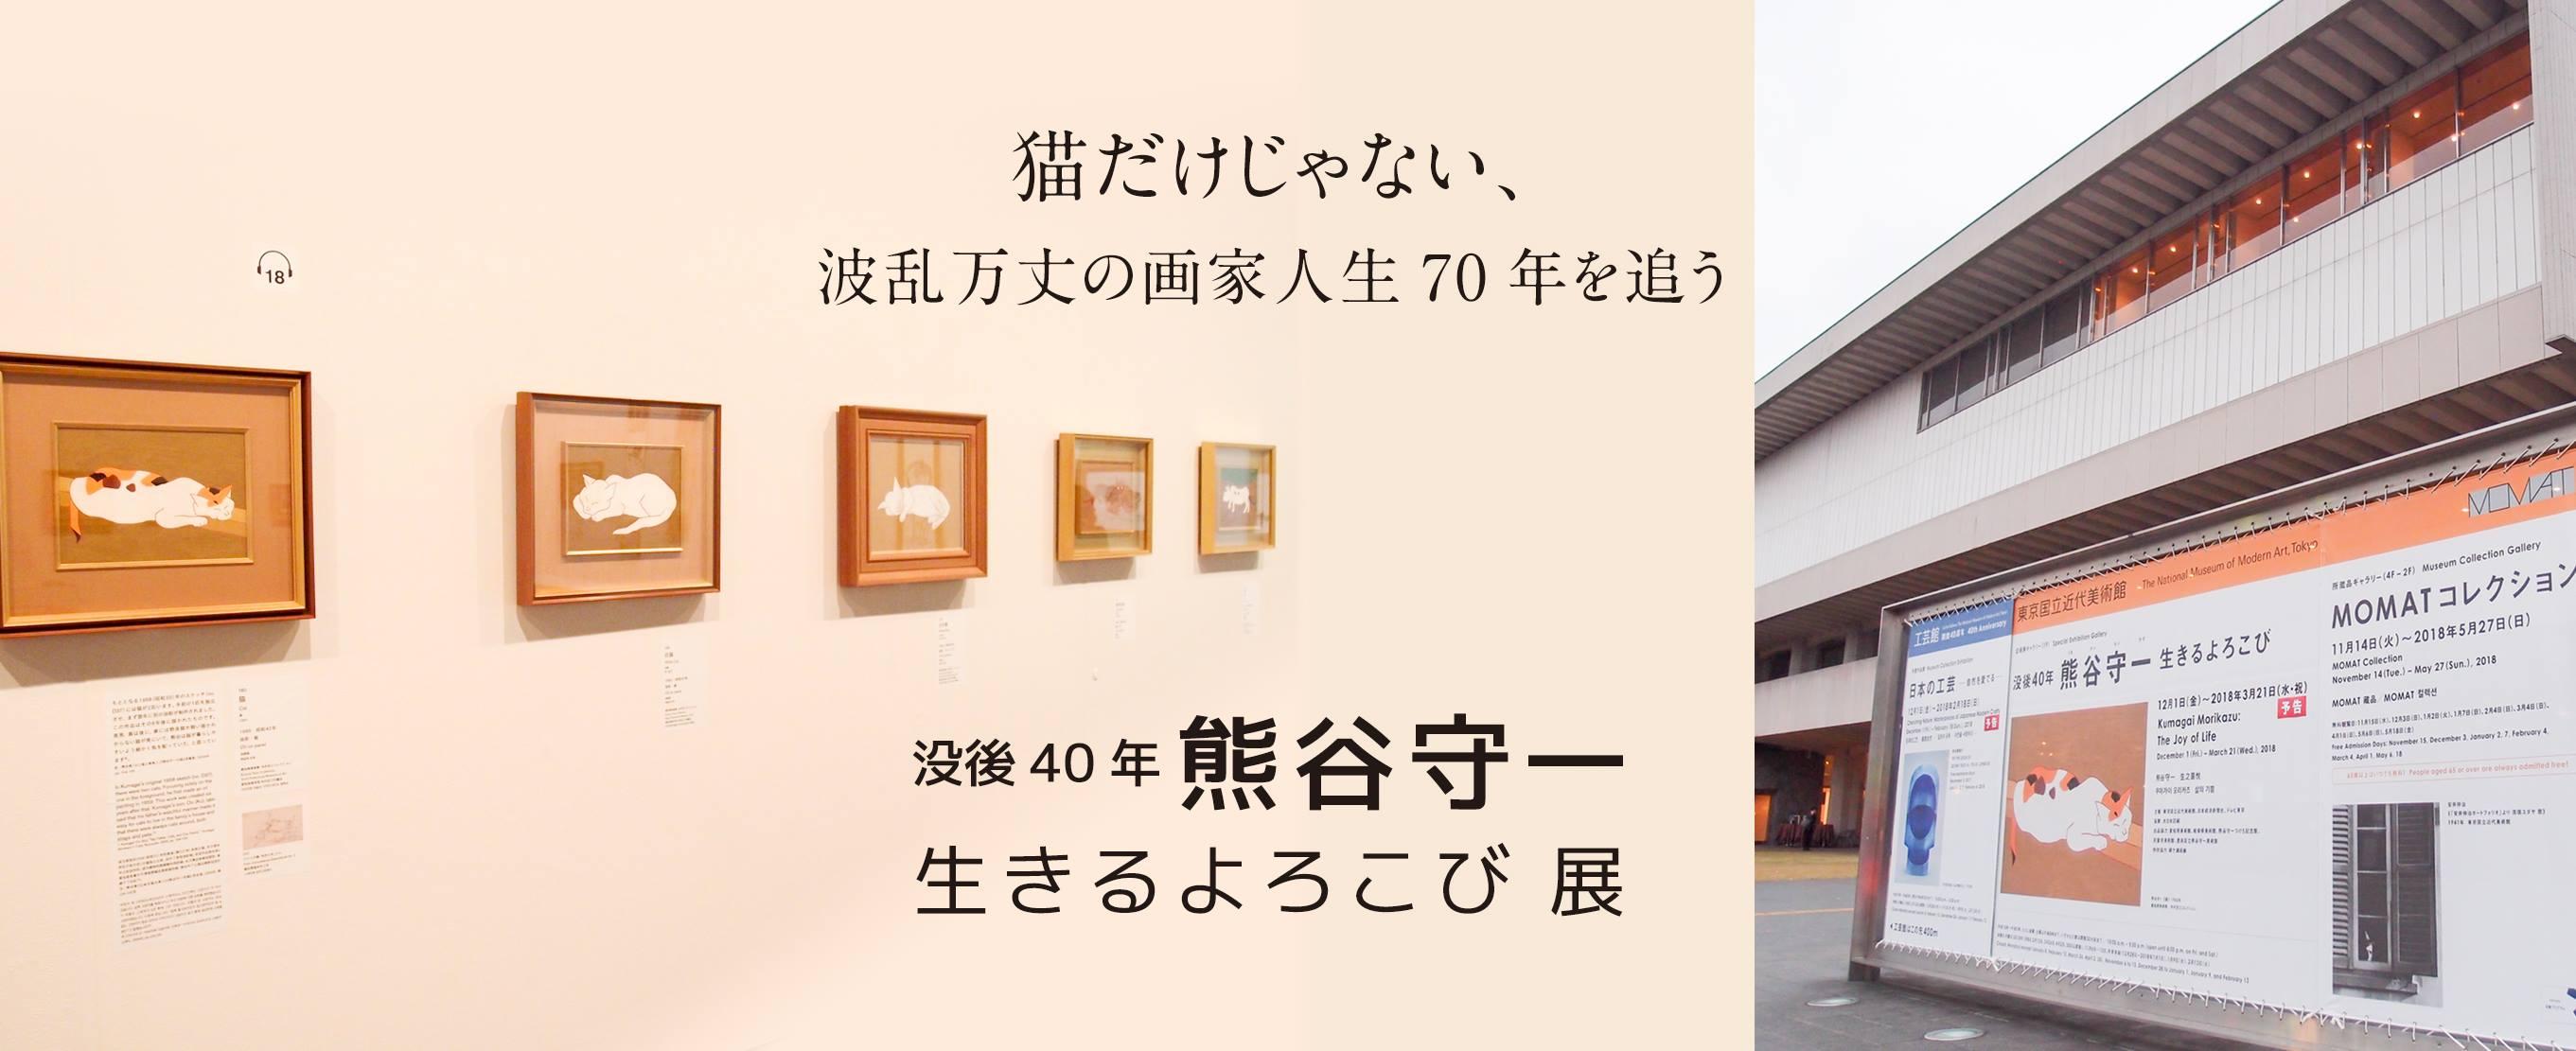 猫だけじゃない、波乱万丈の画家人生70年を追う「熊谷守一 生きるよろこび」展